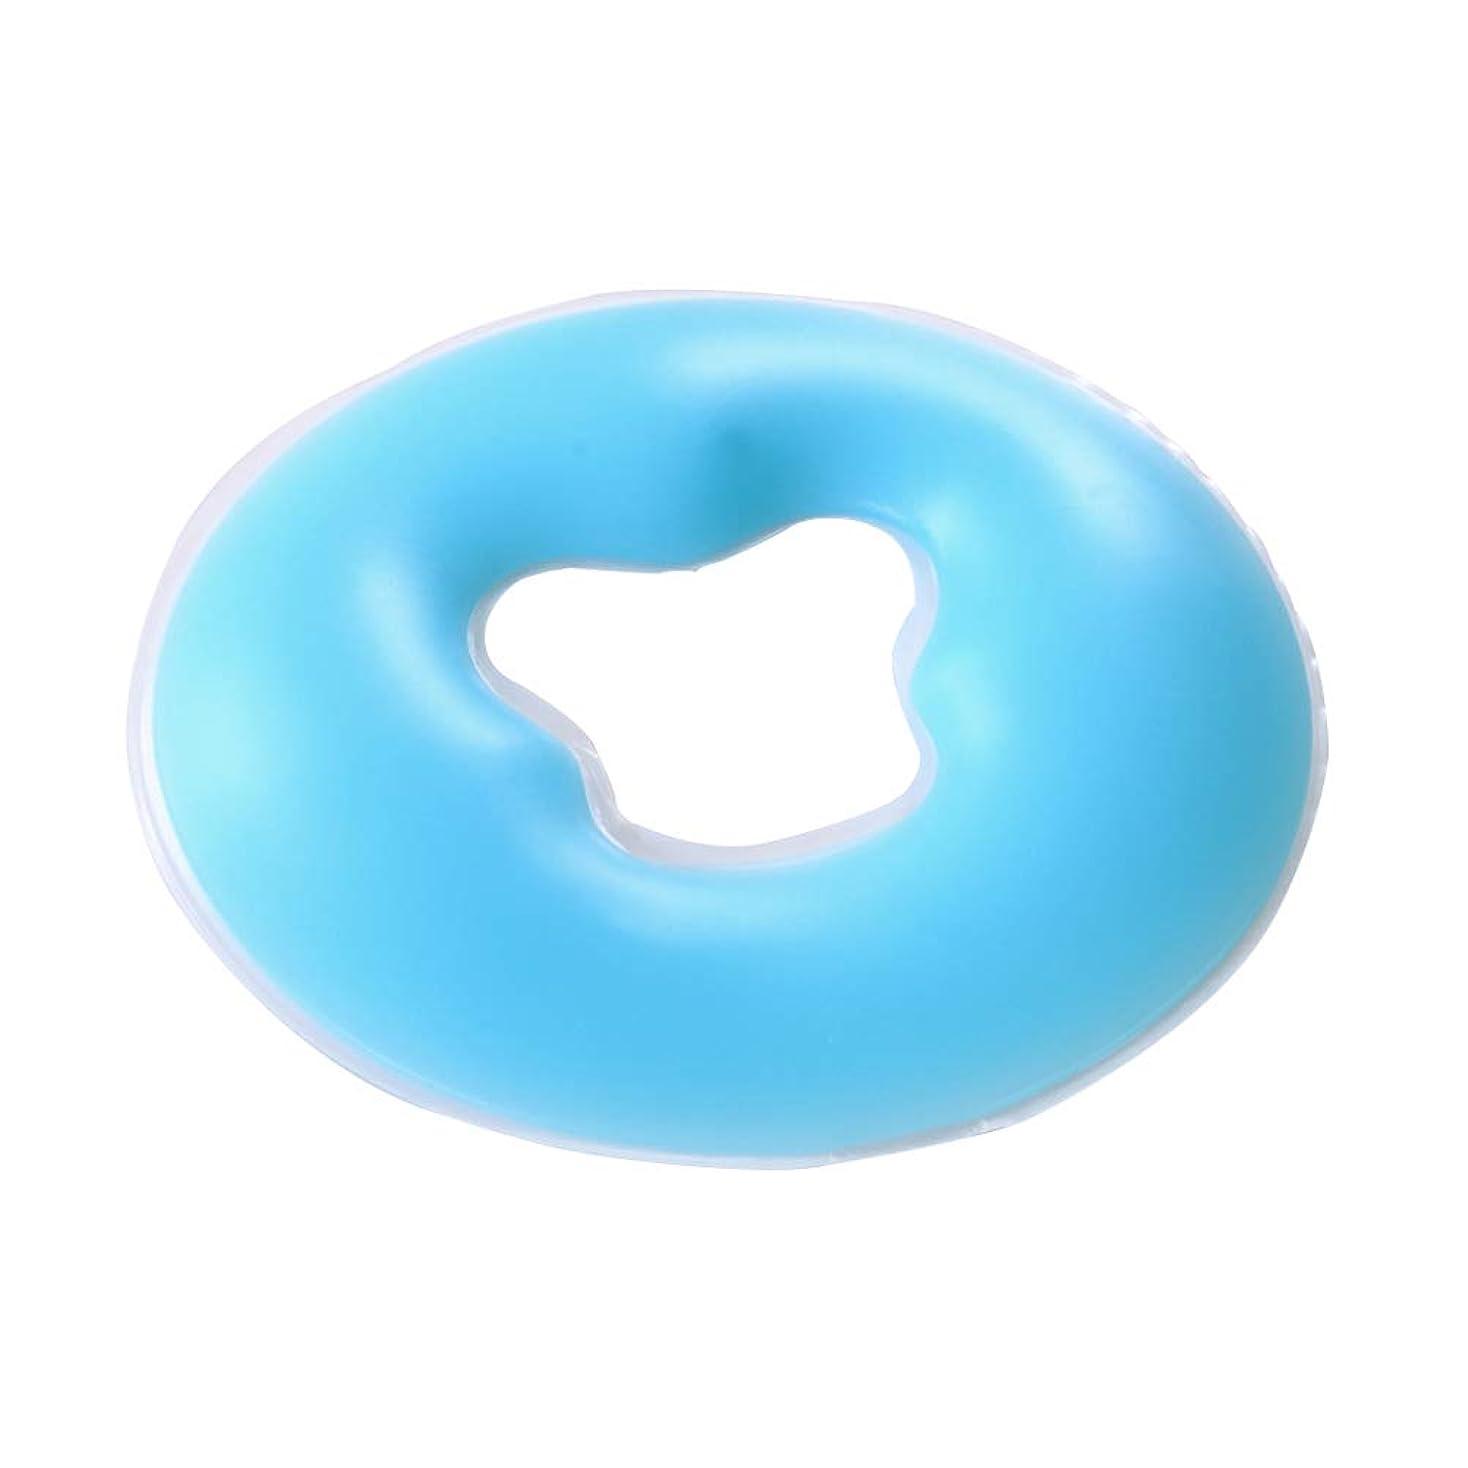 キャンセル受粉する活性化するHEALLILY Face Massage Pillow Silicone Massage Face Spa Pillow Pad for Beauty Salon Spa Massage Parlors (Blue)